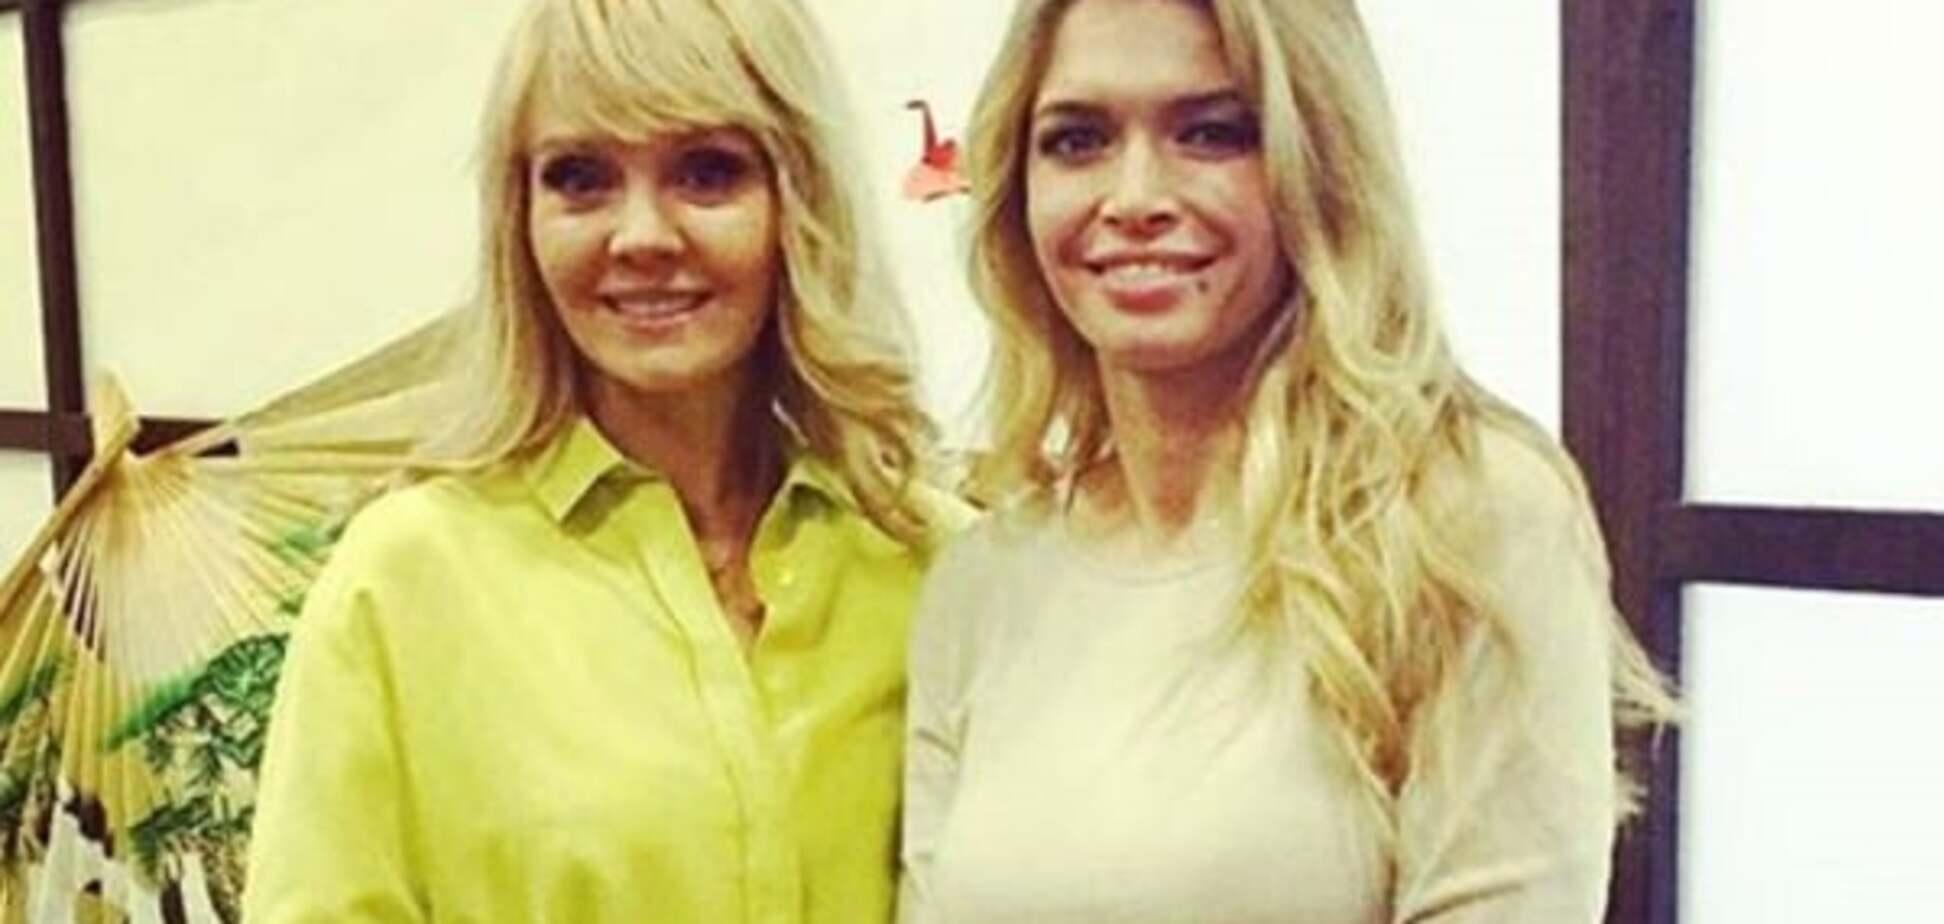 Брежнєва погуляла із забороненою в Україні Валерією на дитячому святі